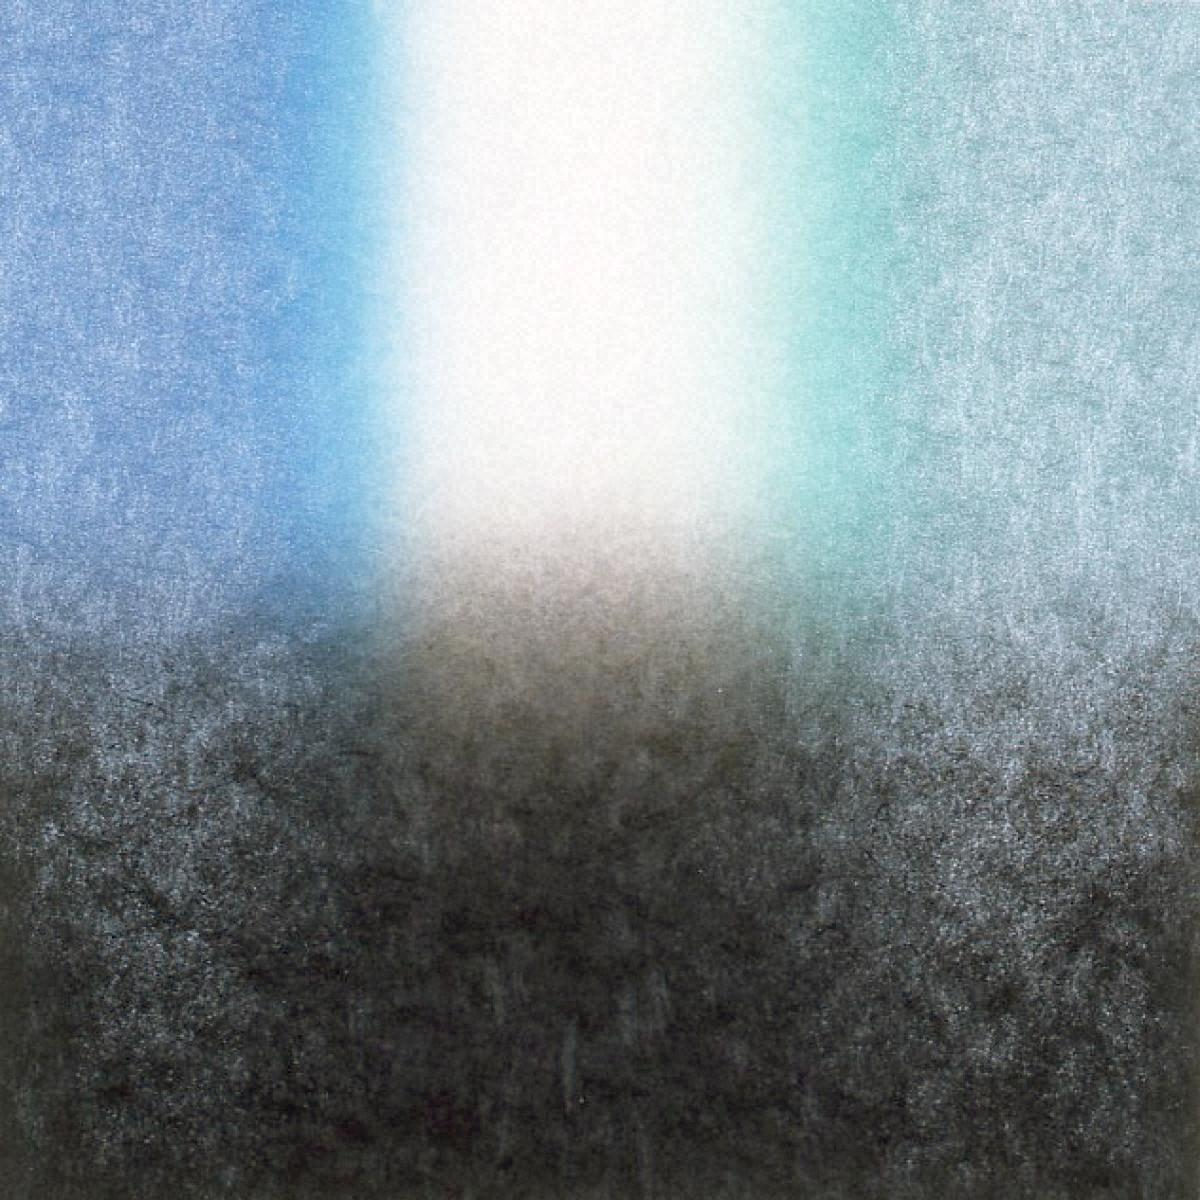 版画集「北の調べ」 Square-Metallic Blue to Green by Black